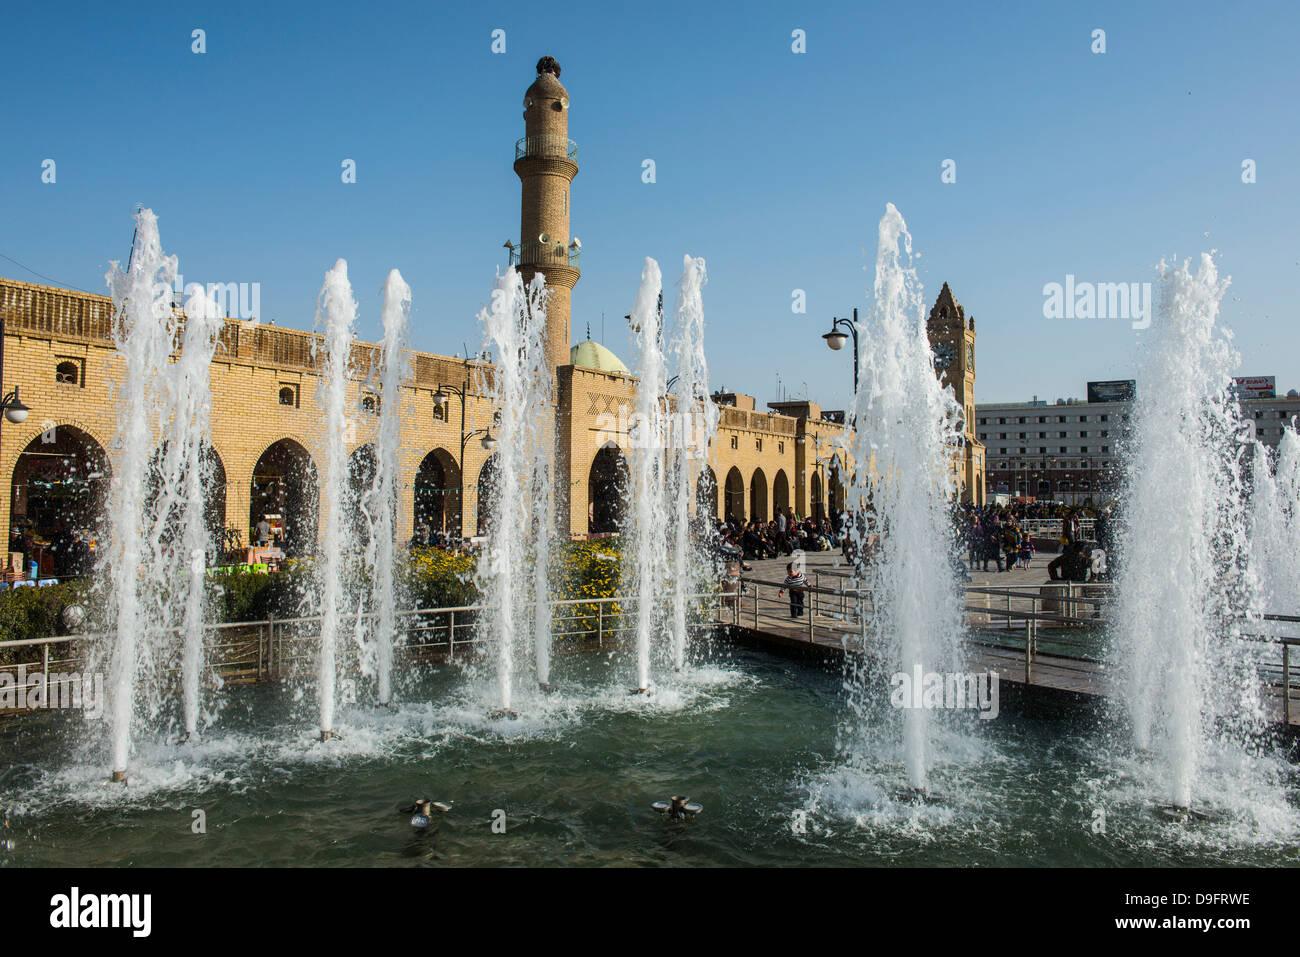 Riesigen Platz mit Springbrunnen unterhalb der Zitadelle von Erbil (Hawler), Hauptstadt von Kurdistan-Irak, Irak, Stockbild